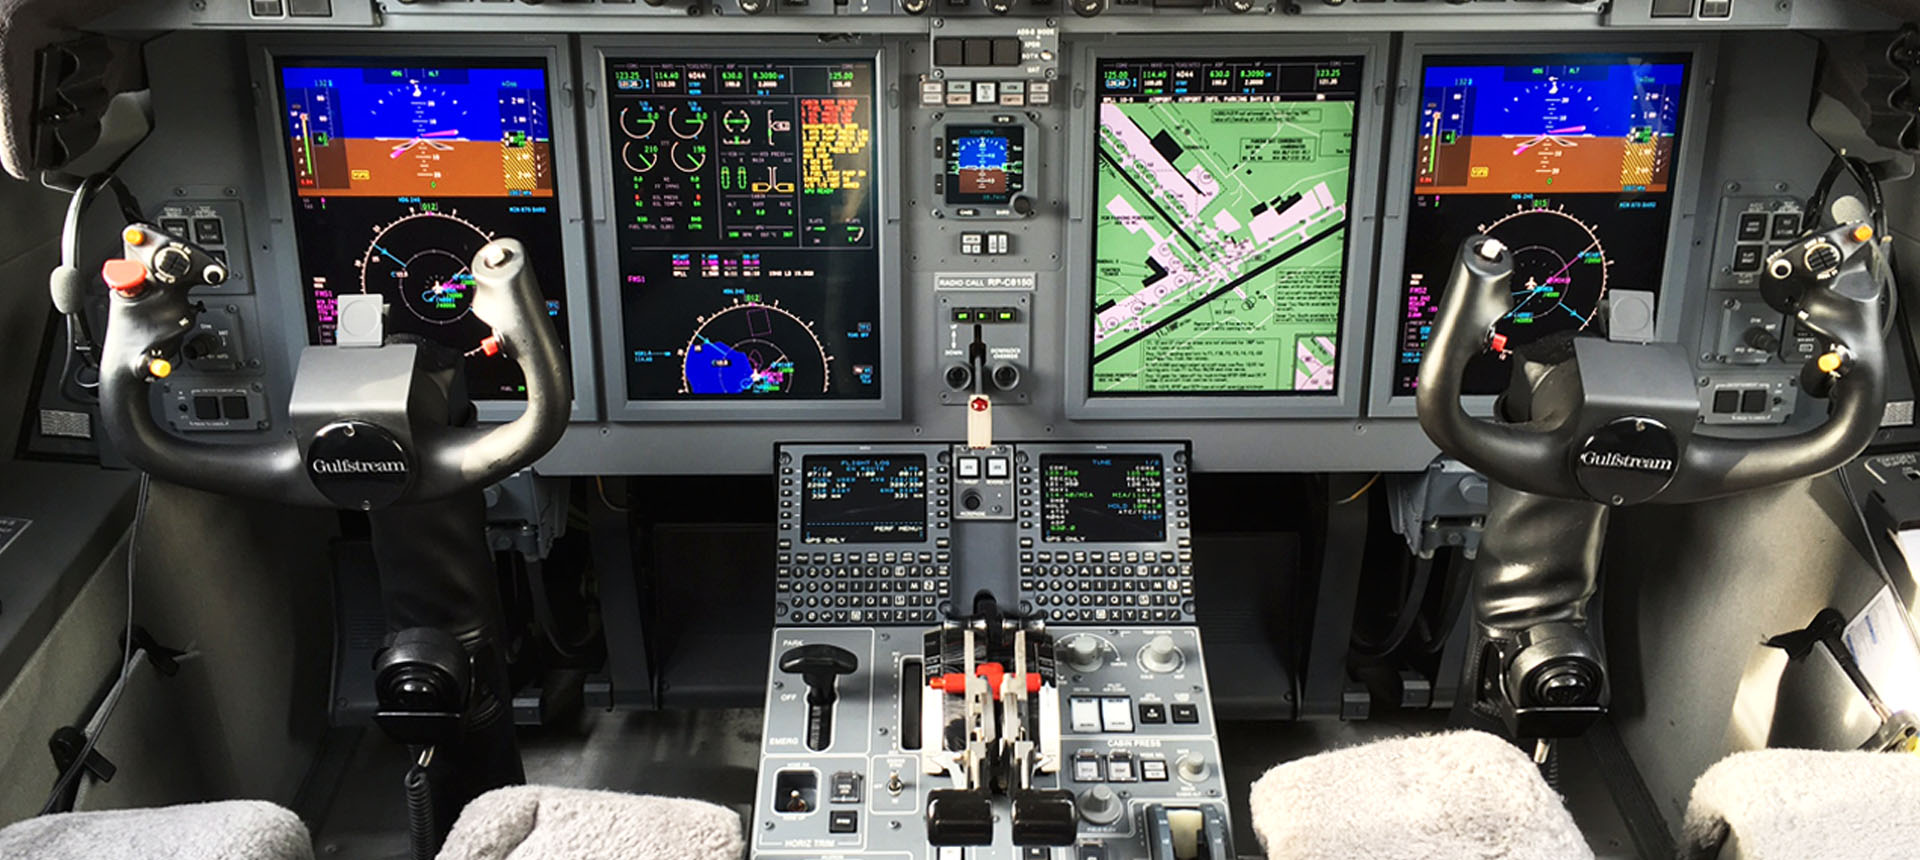 Gulfstream G150 Flight Deck